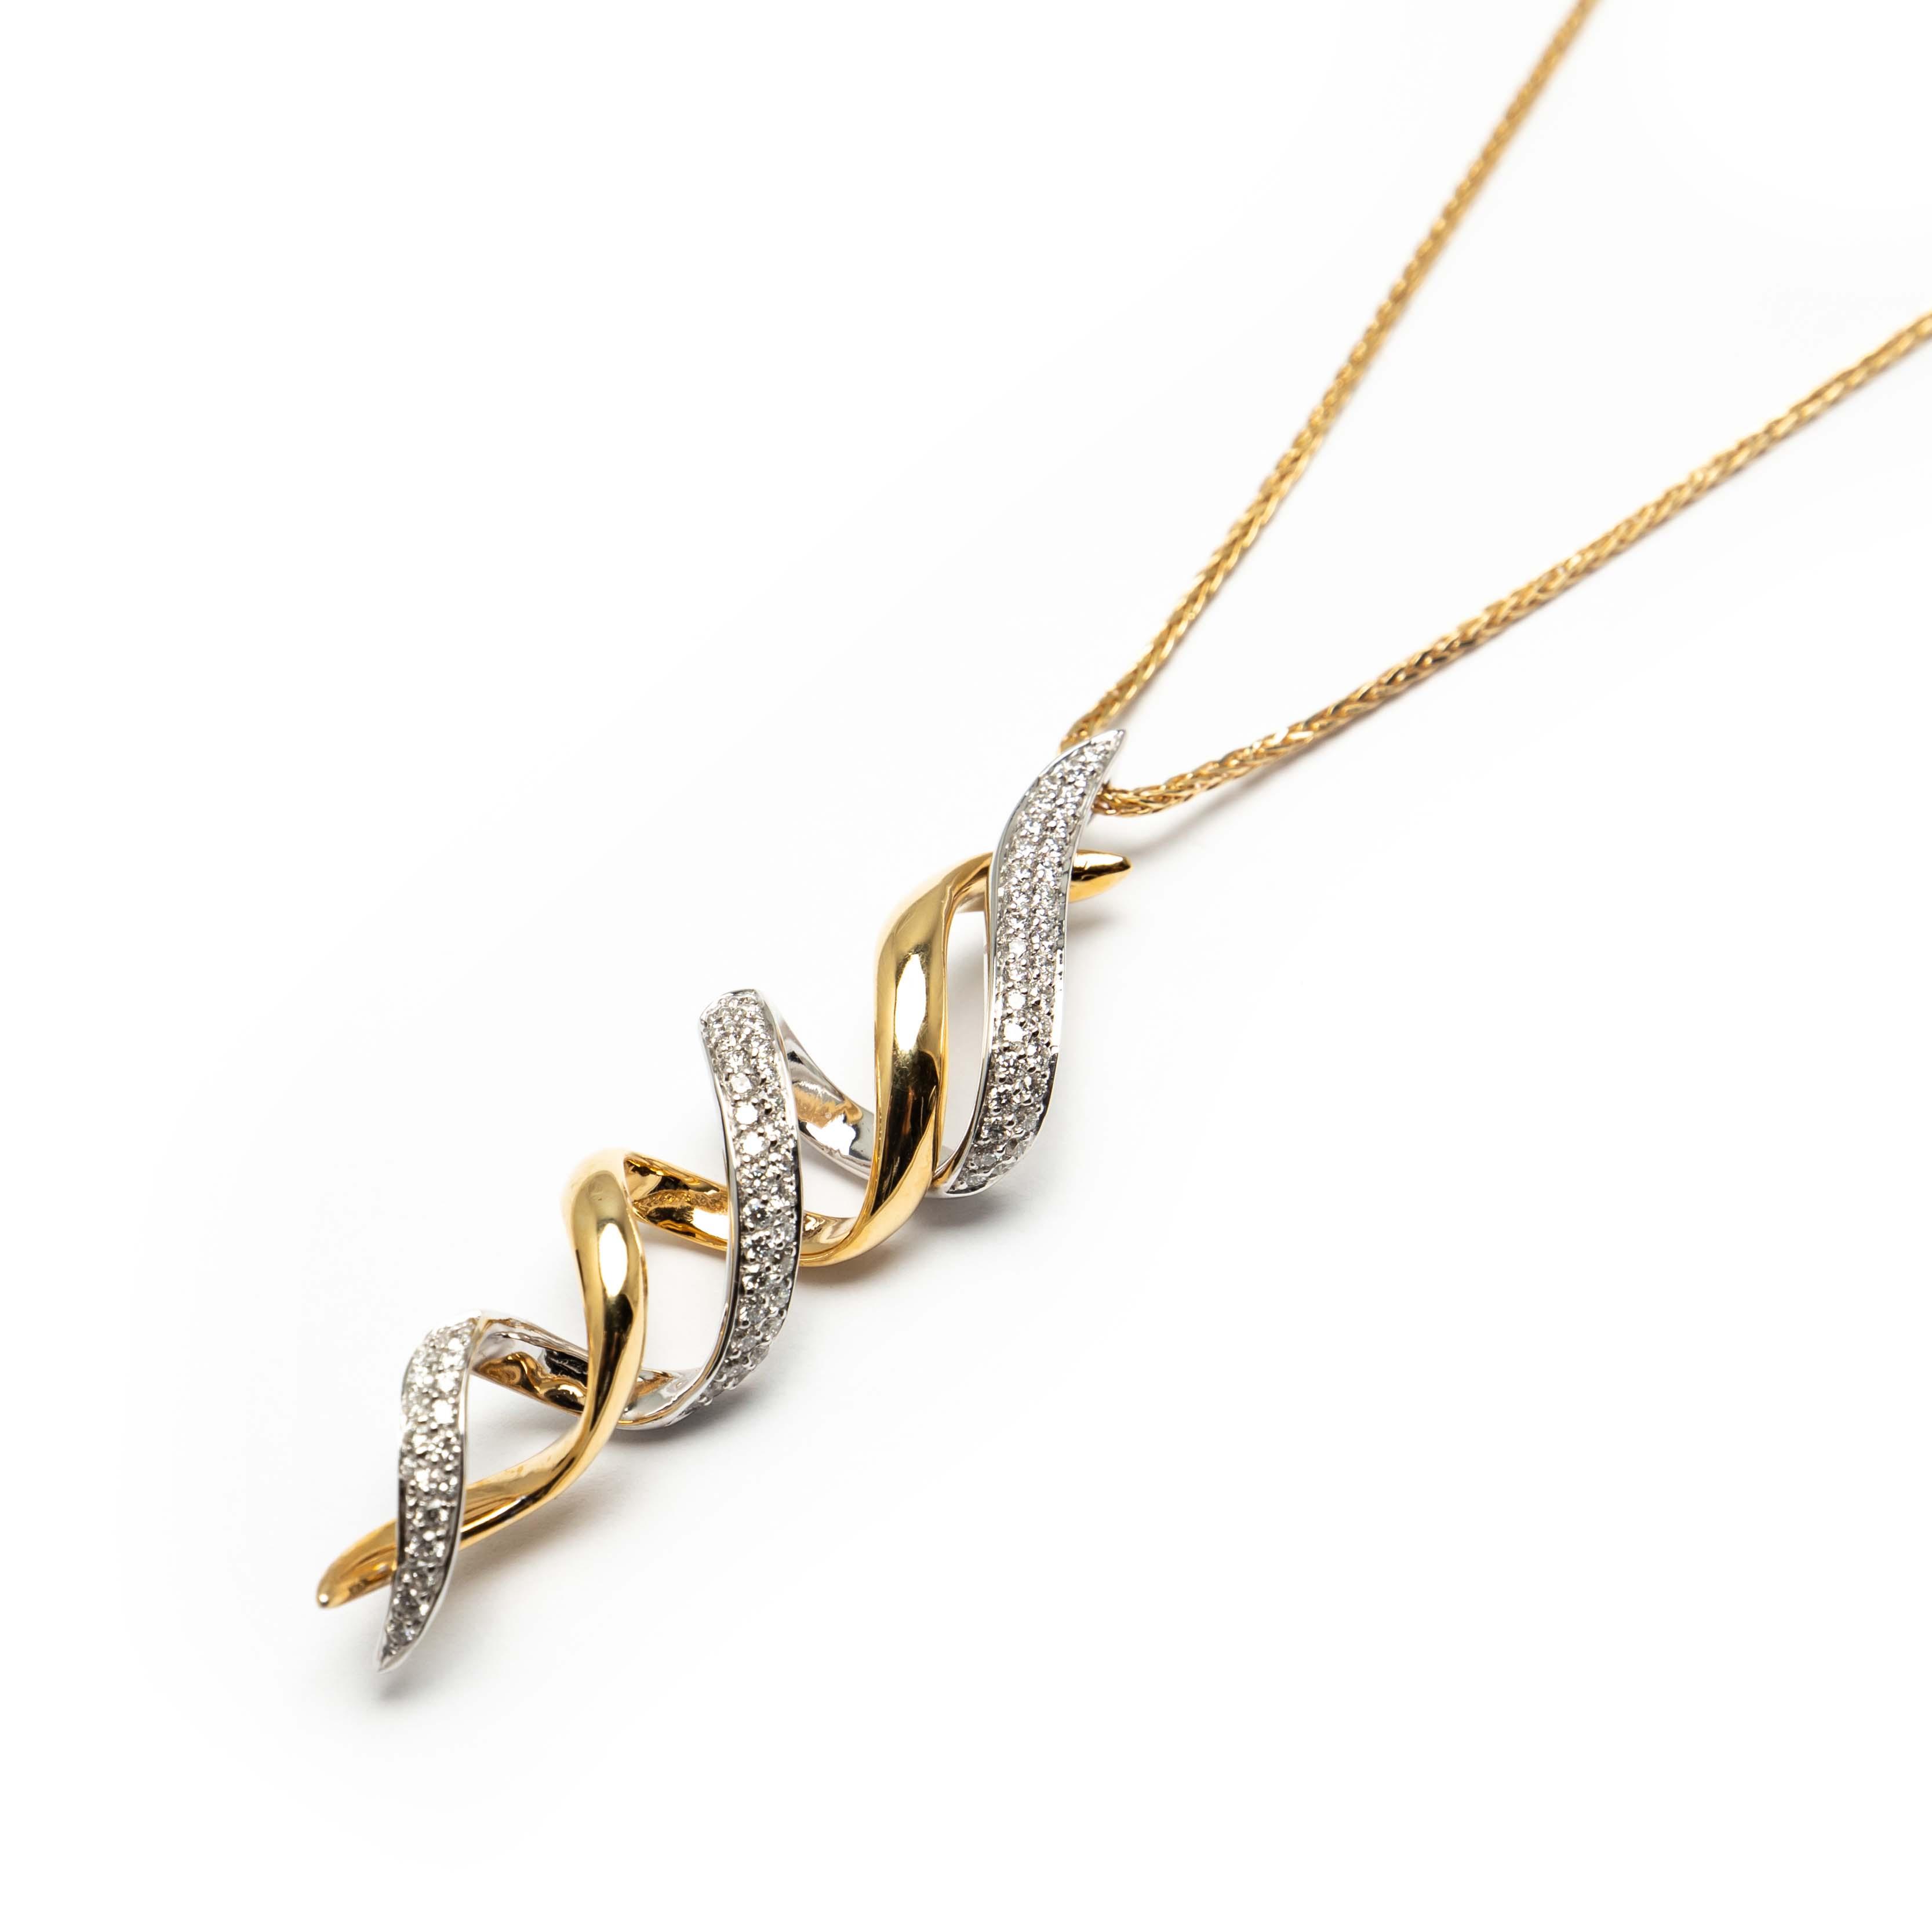 Yellow & White Gold Diamond Pendant